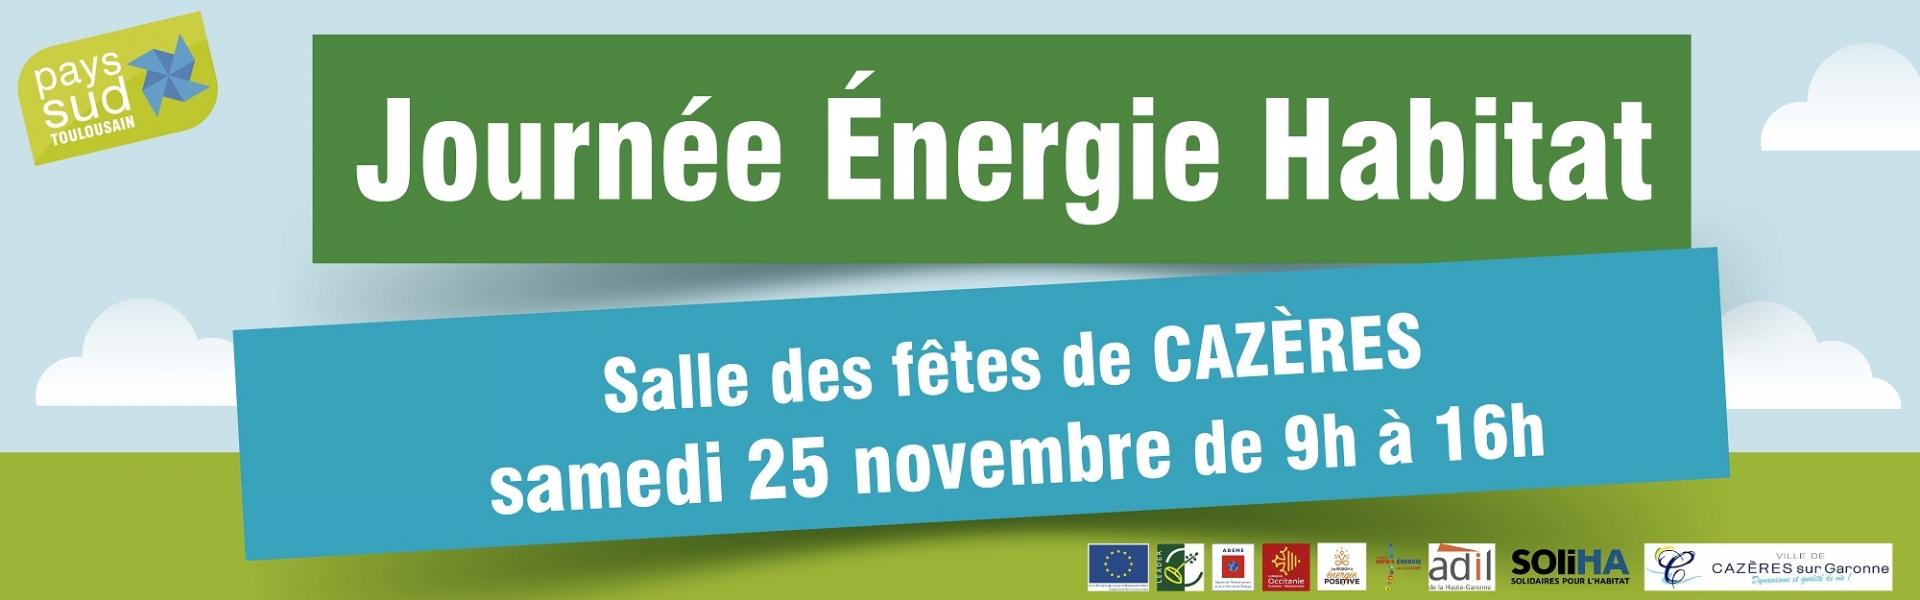 Journée énergie habitat à Cazères